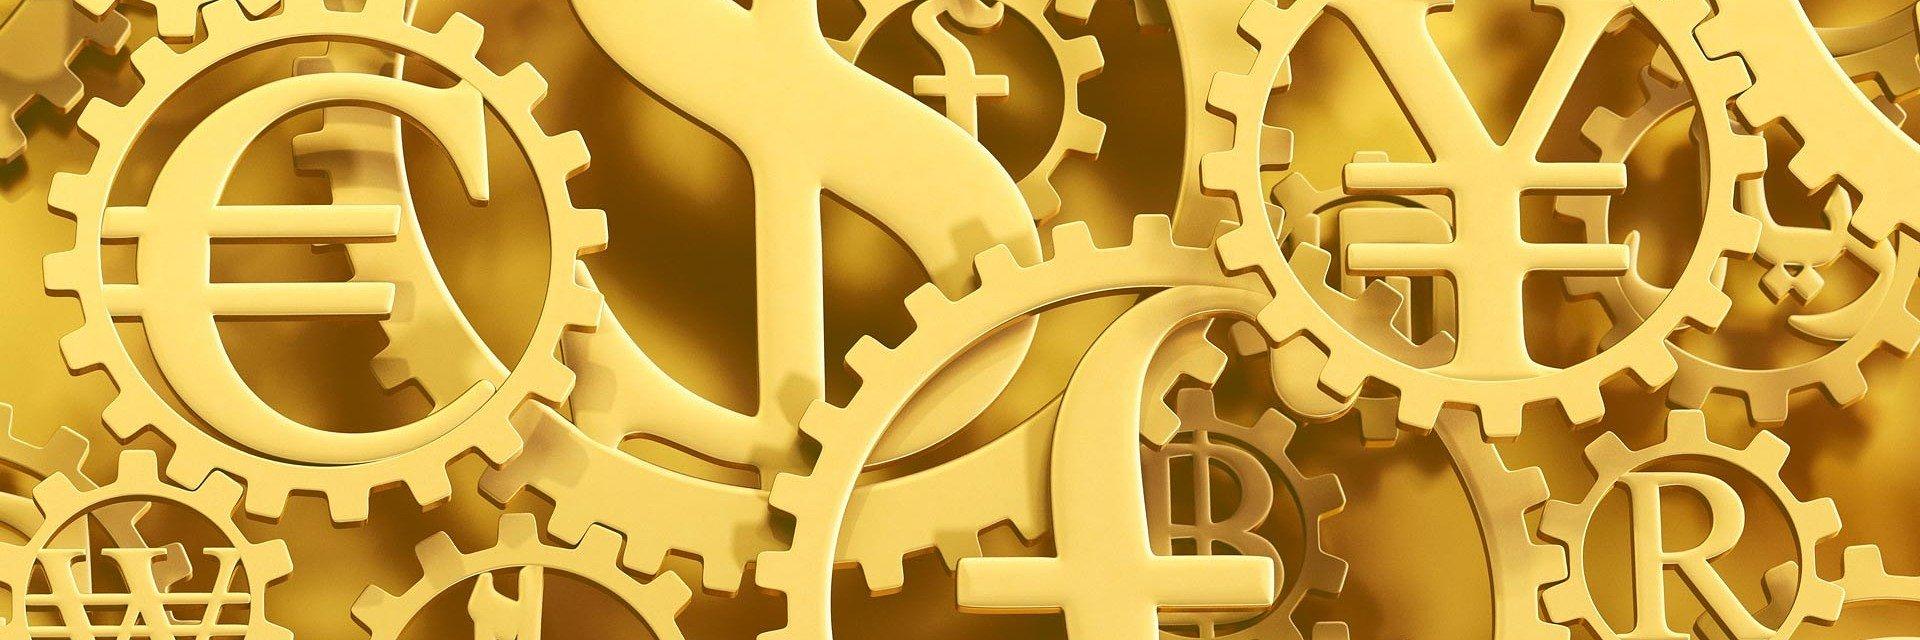 Cena waluty... czyli o systemie kursów walutowych